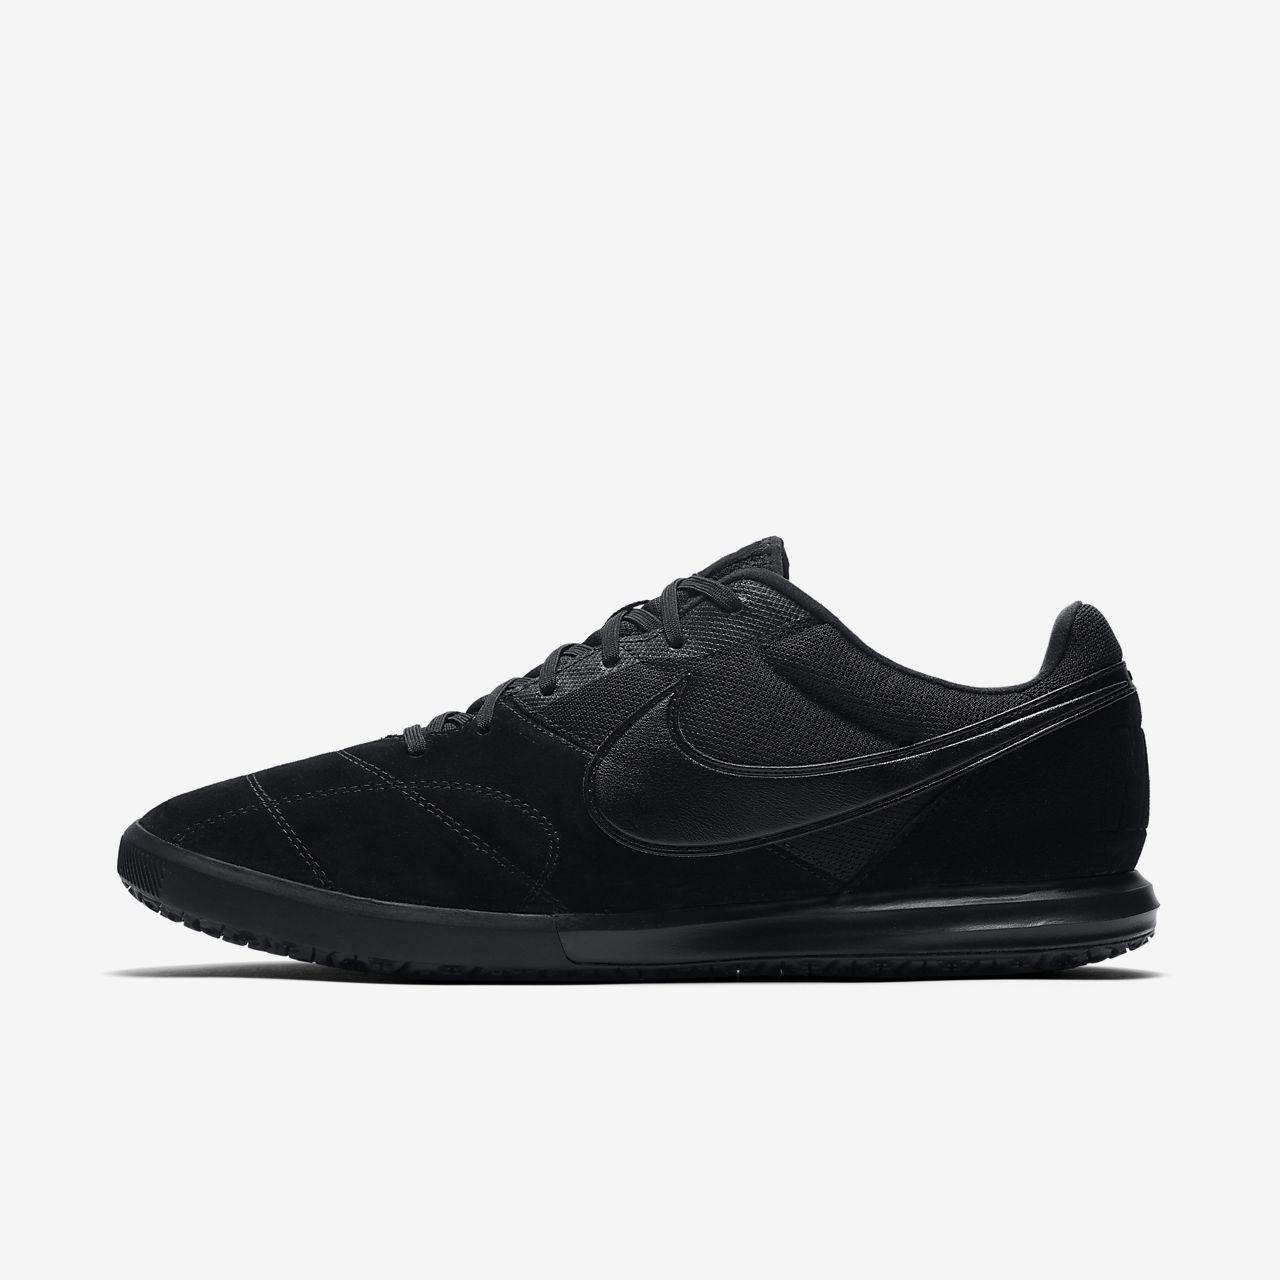 Halowe buty piłkarskie Nike Tiempo Premier II Sala